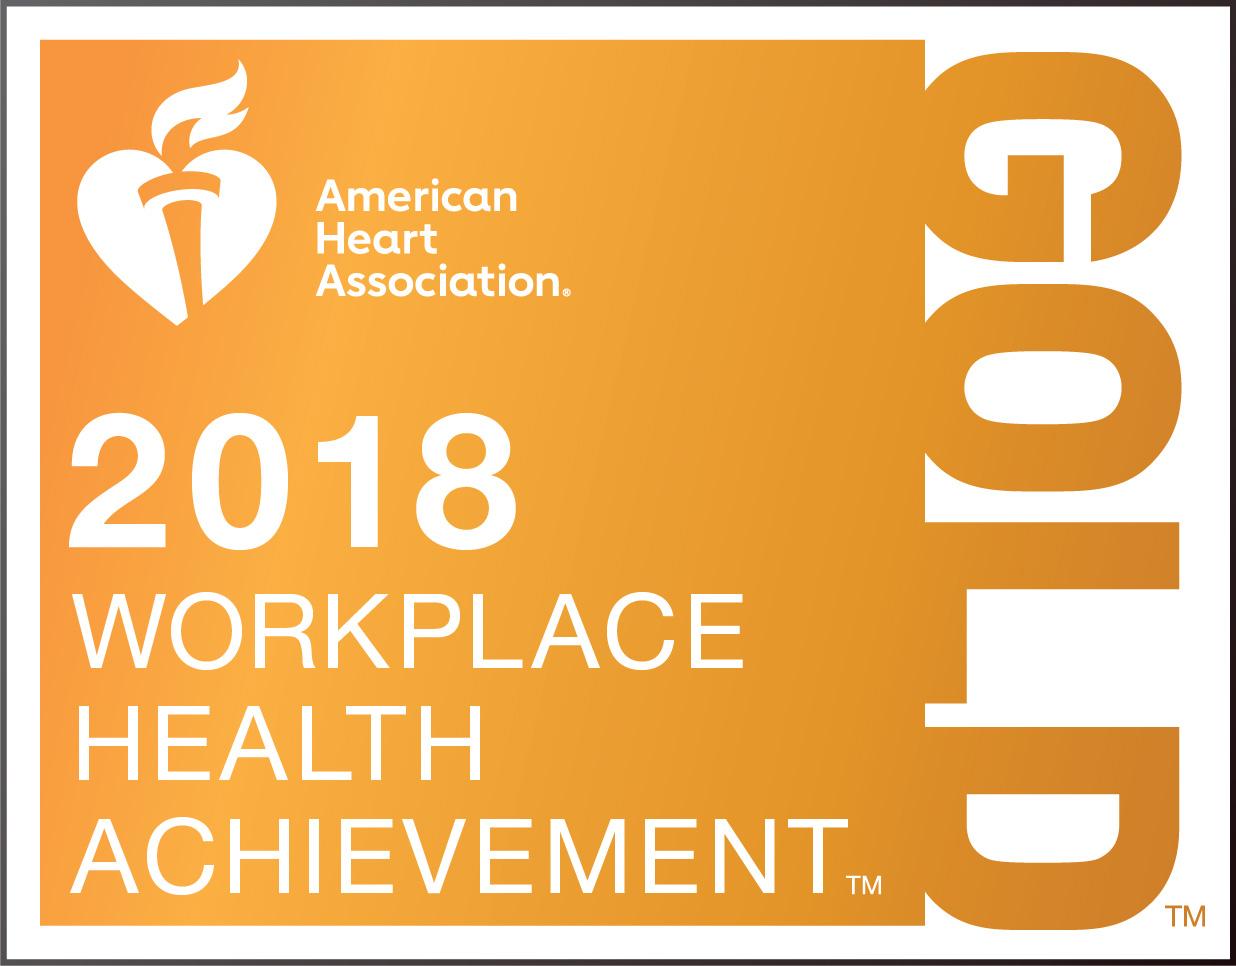 AHA_Index-Award-Gold-2018.jpg